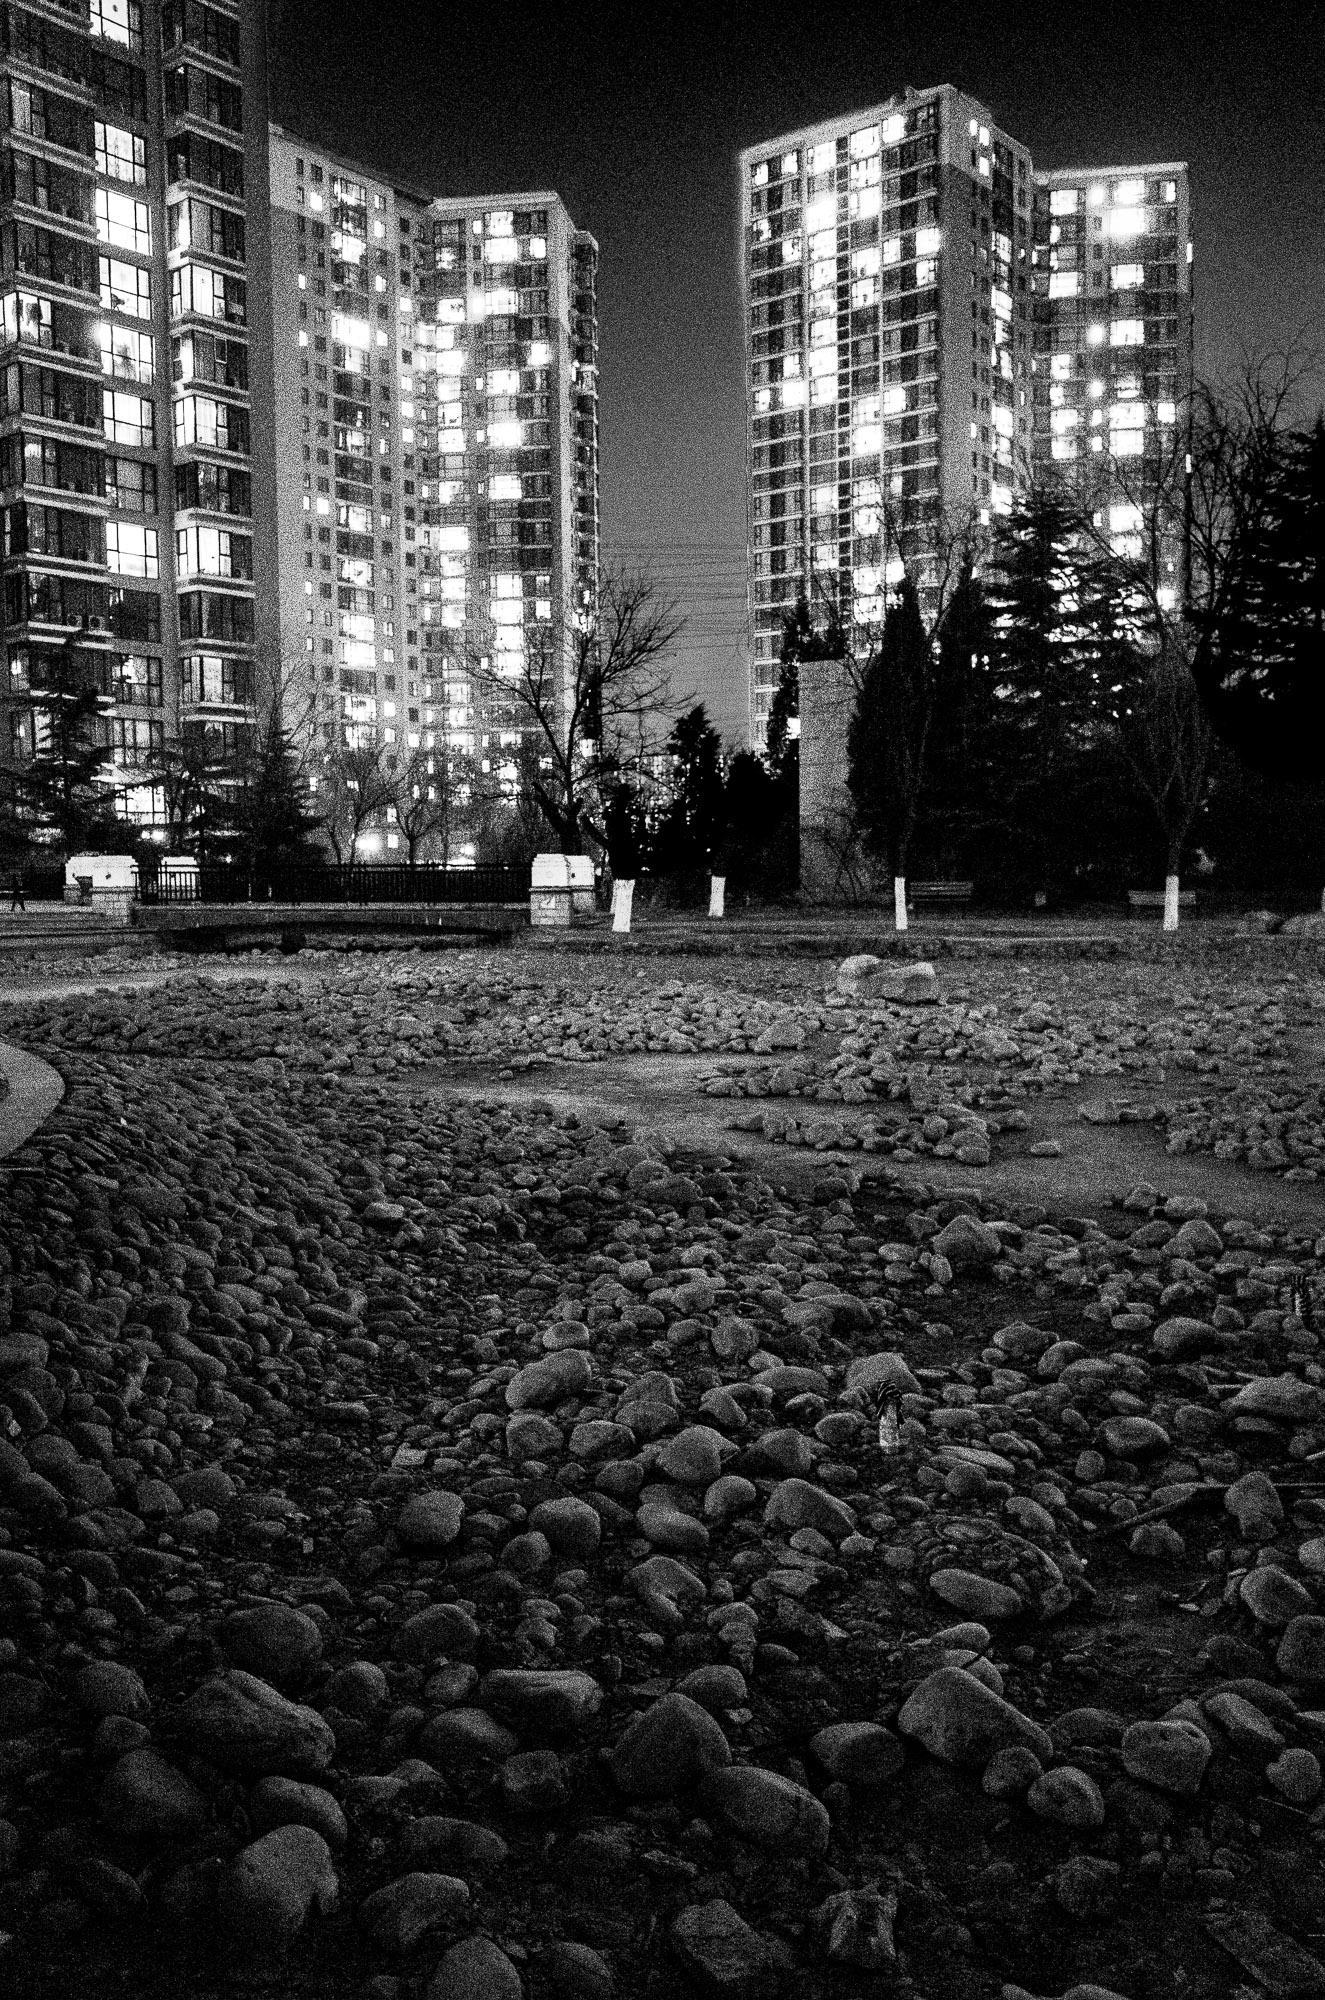 ollo / Wie auf dem Mond (leerer Tümpel in einer Wohnanlage in Beijing)